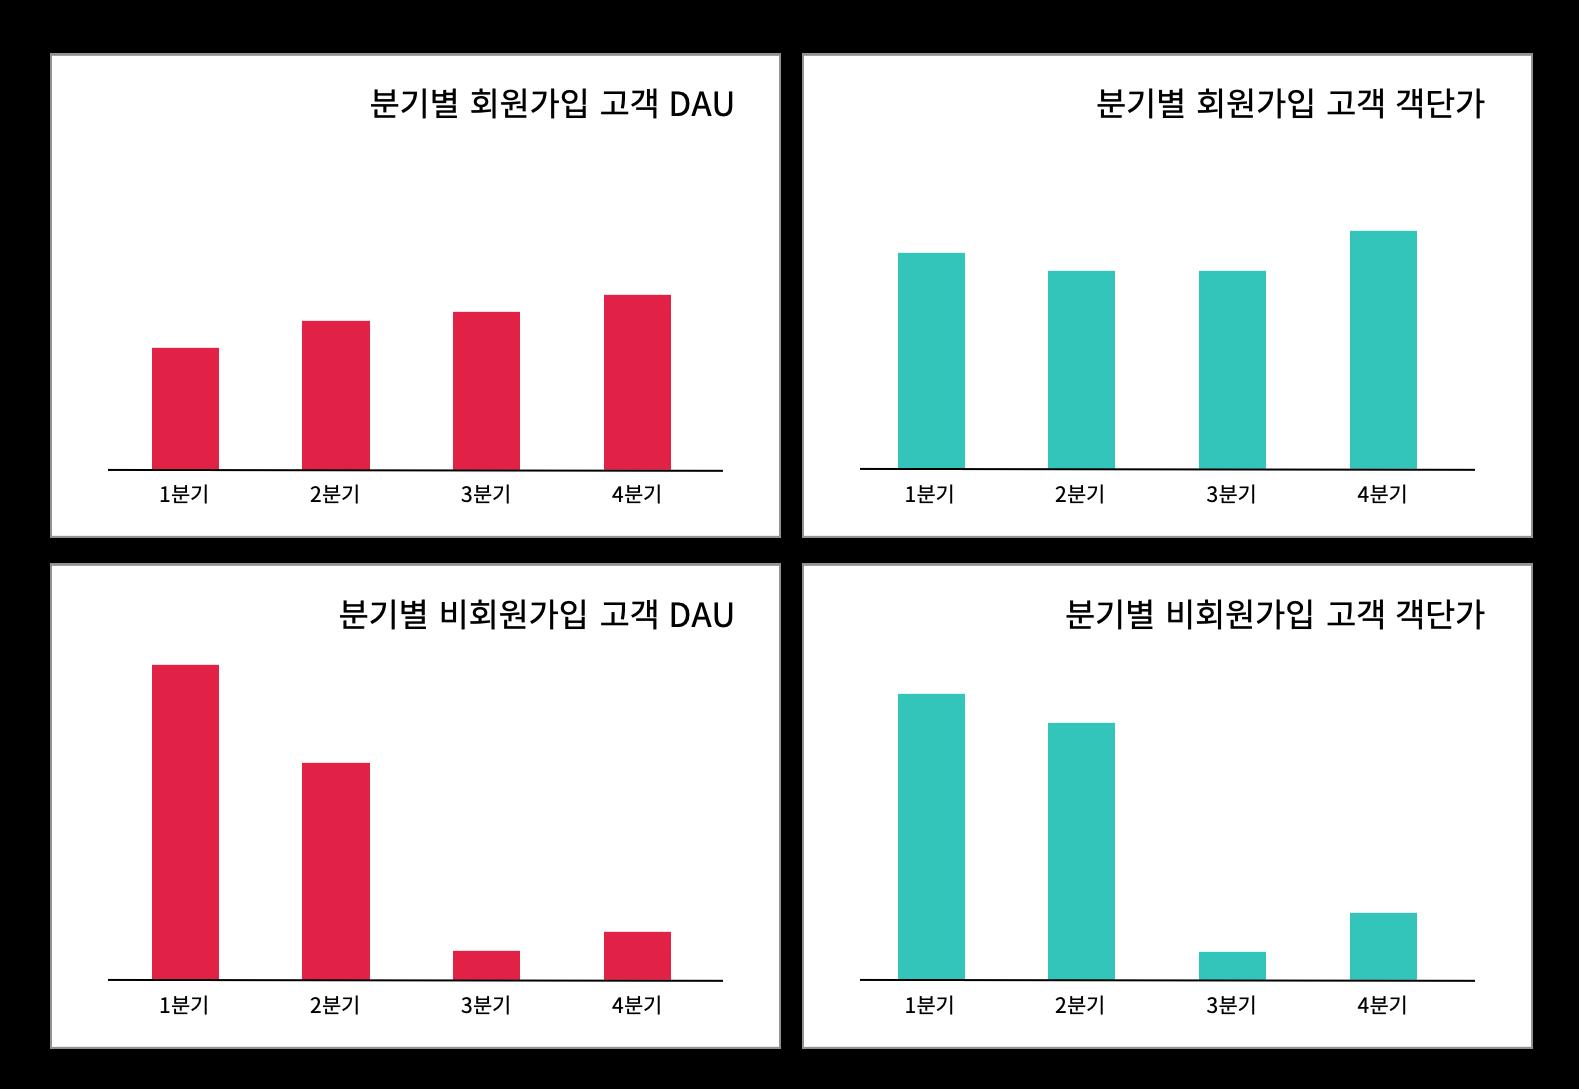 분기별 고객 dau와 분기별 고객 객단가를 회원가입, 비회원가입으로 나눈 지표입니다.